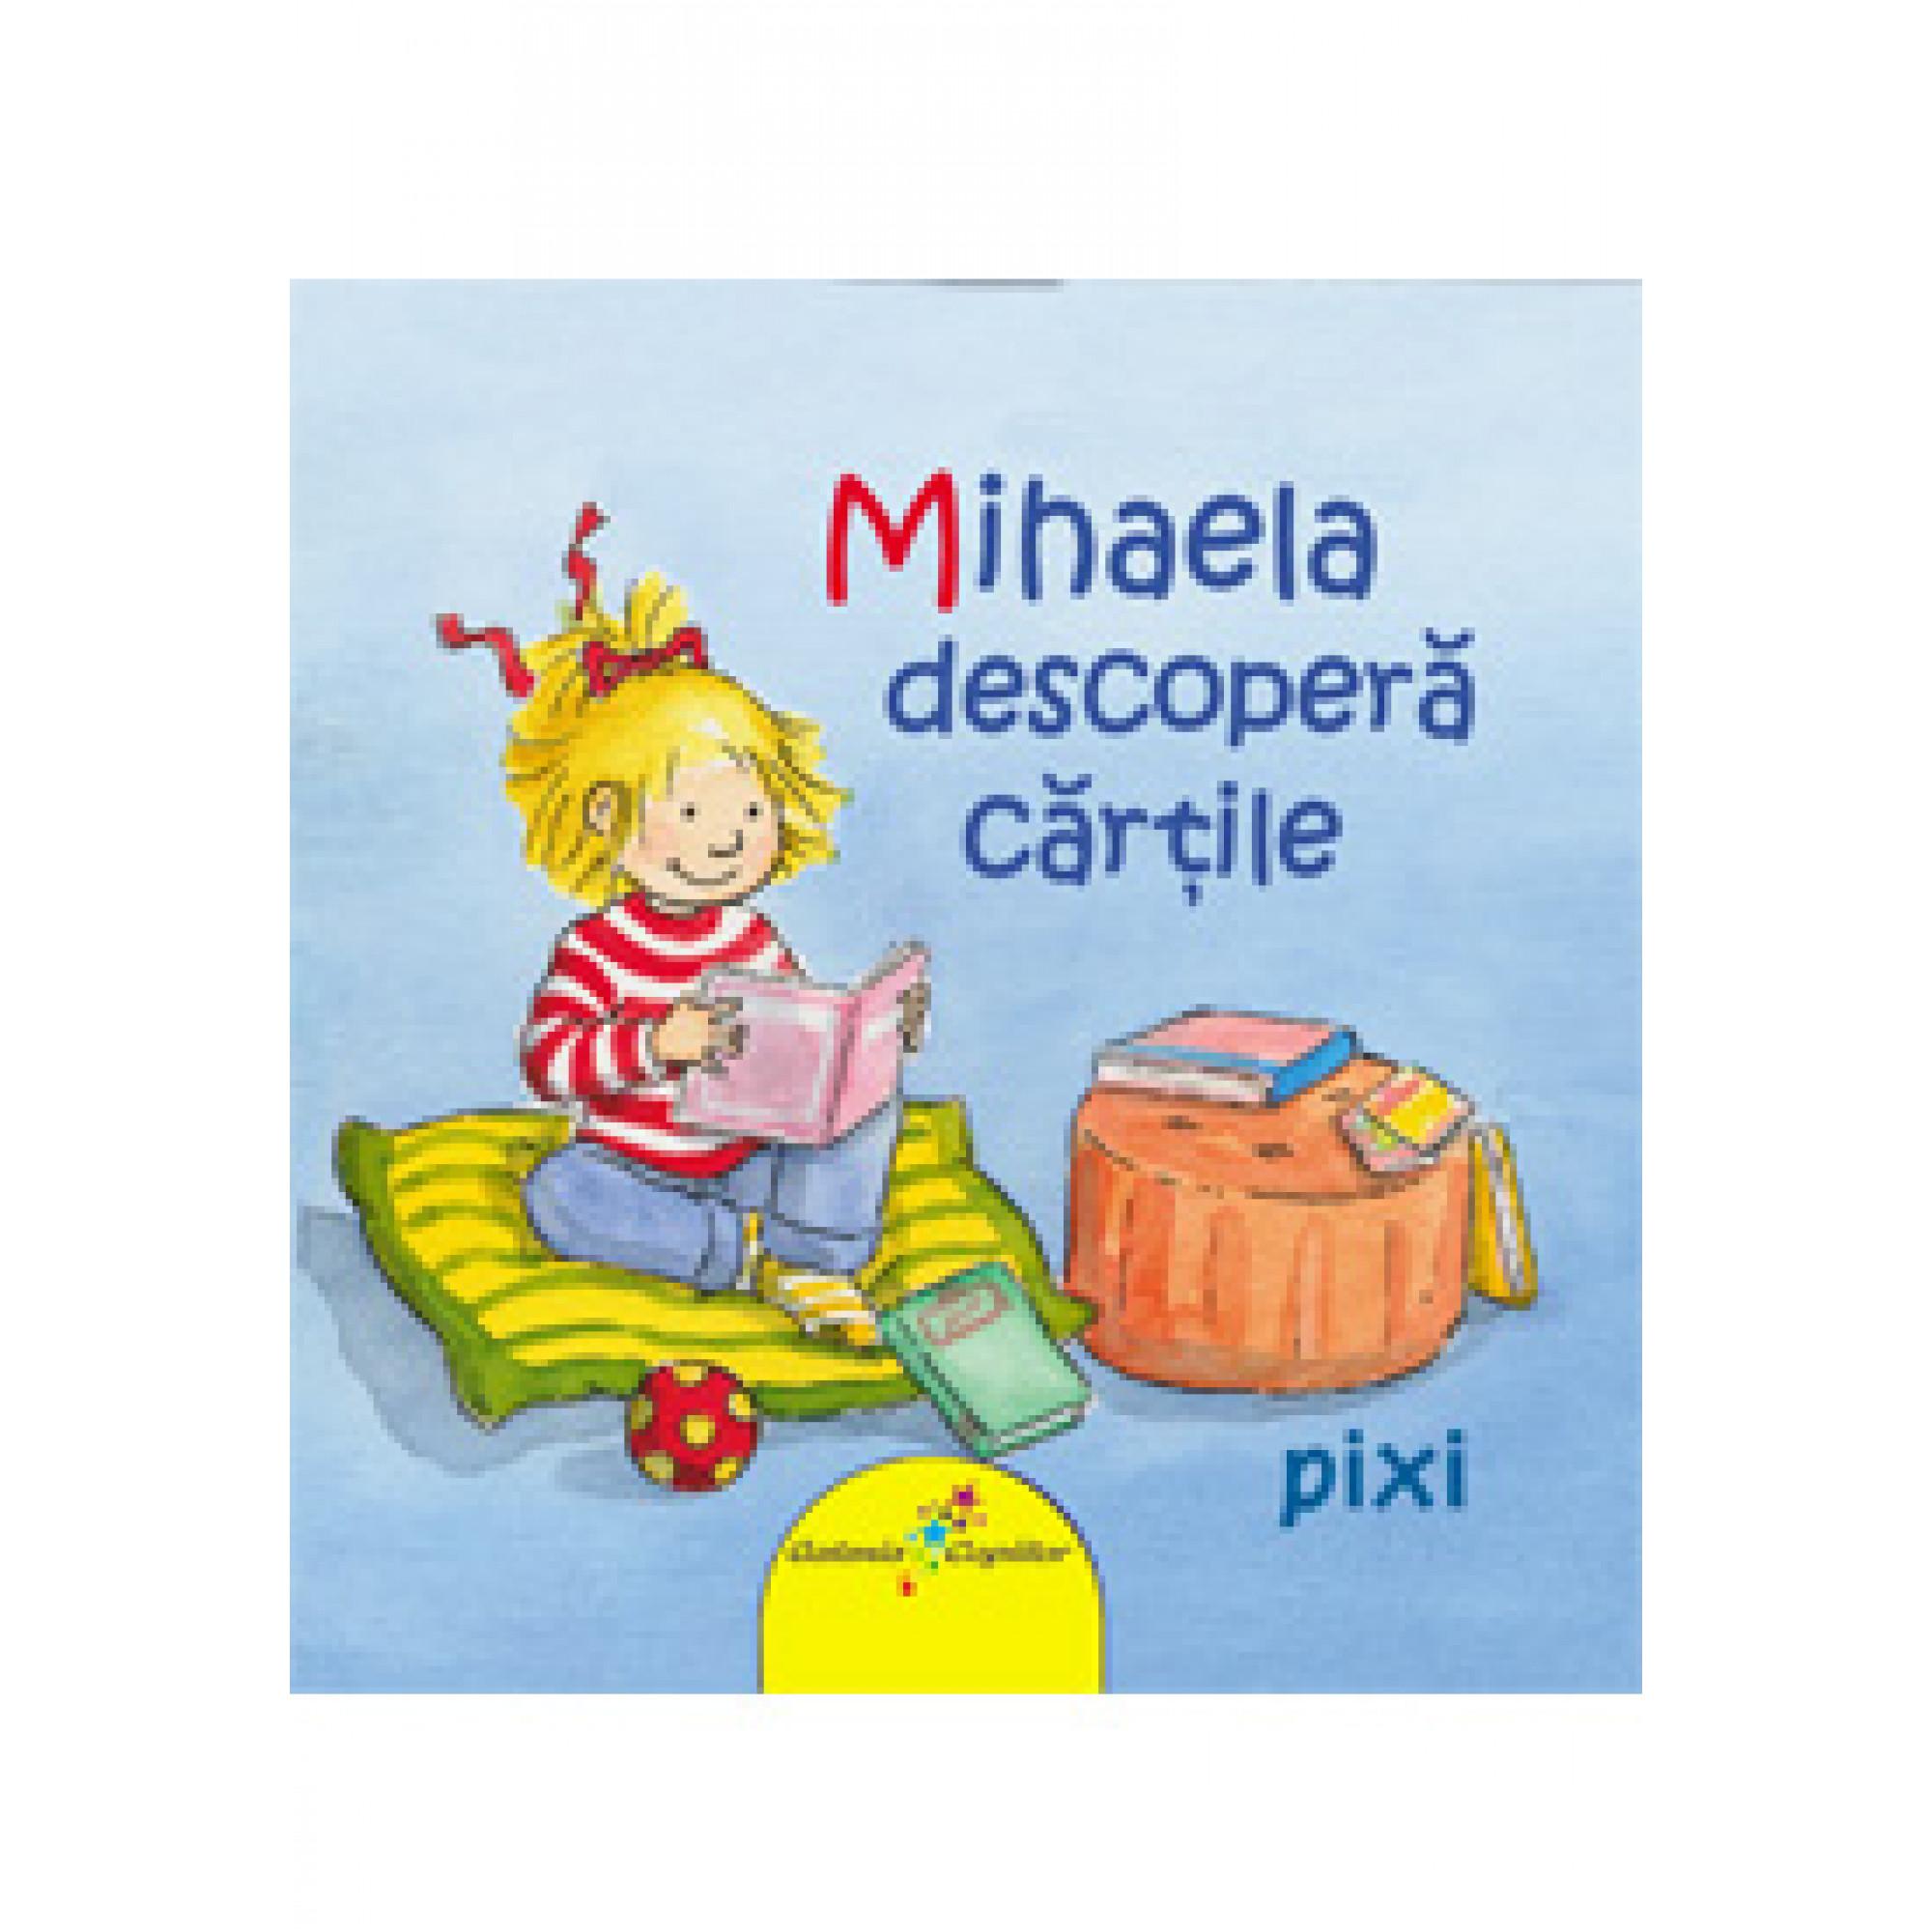 Mihaela descoperă cărțile